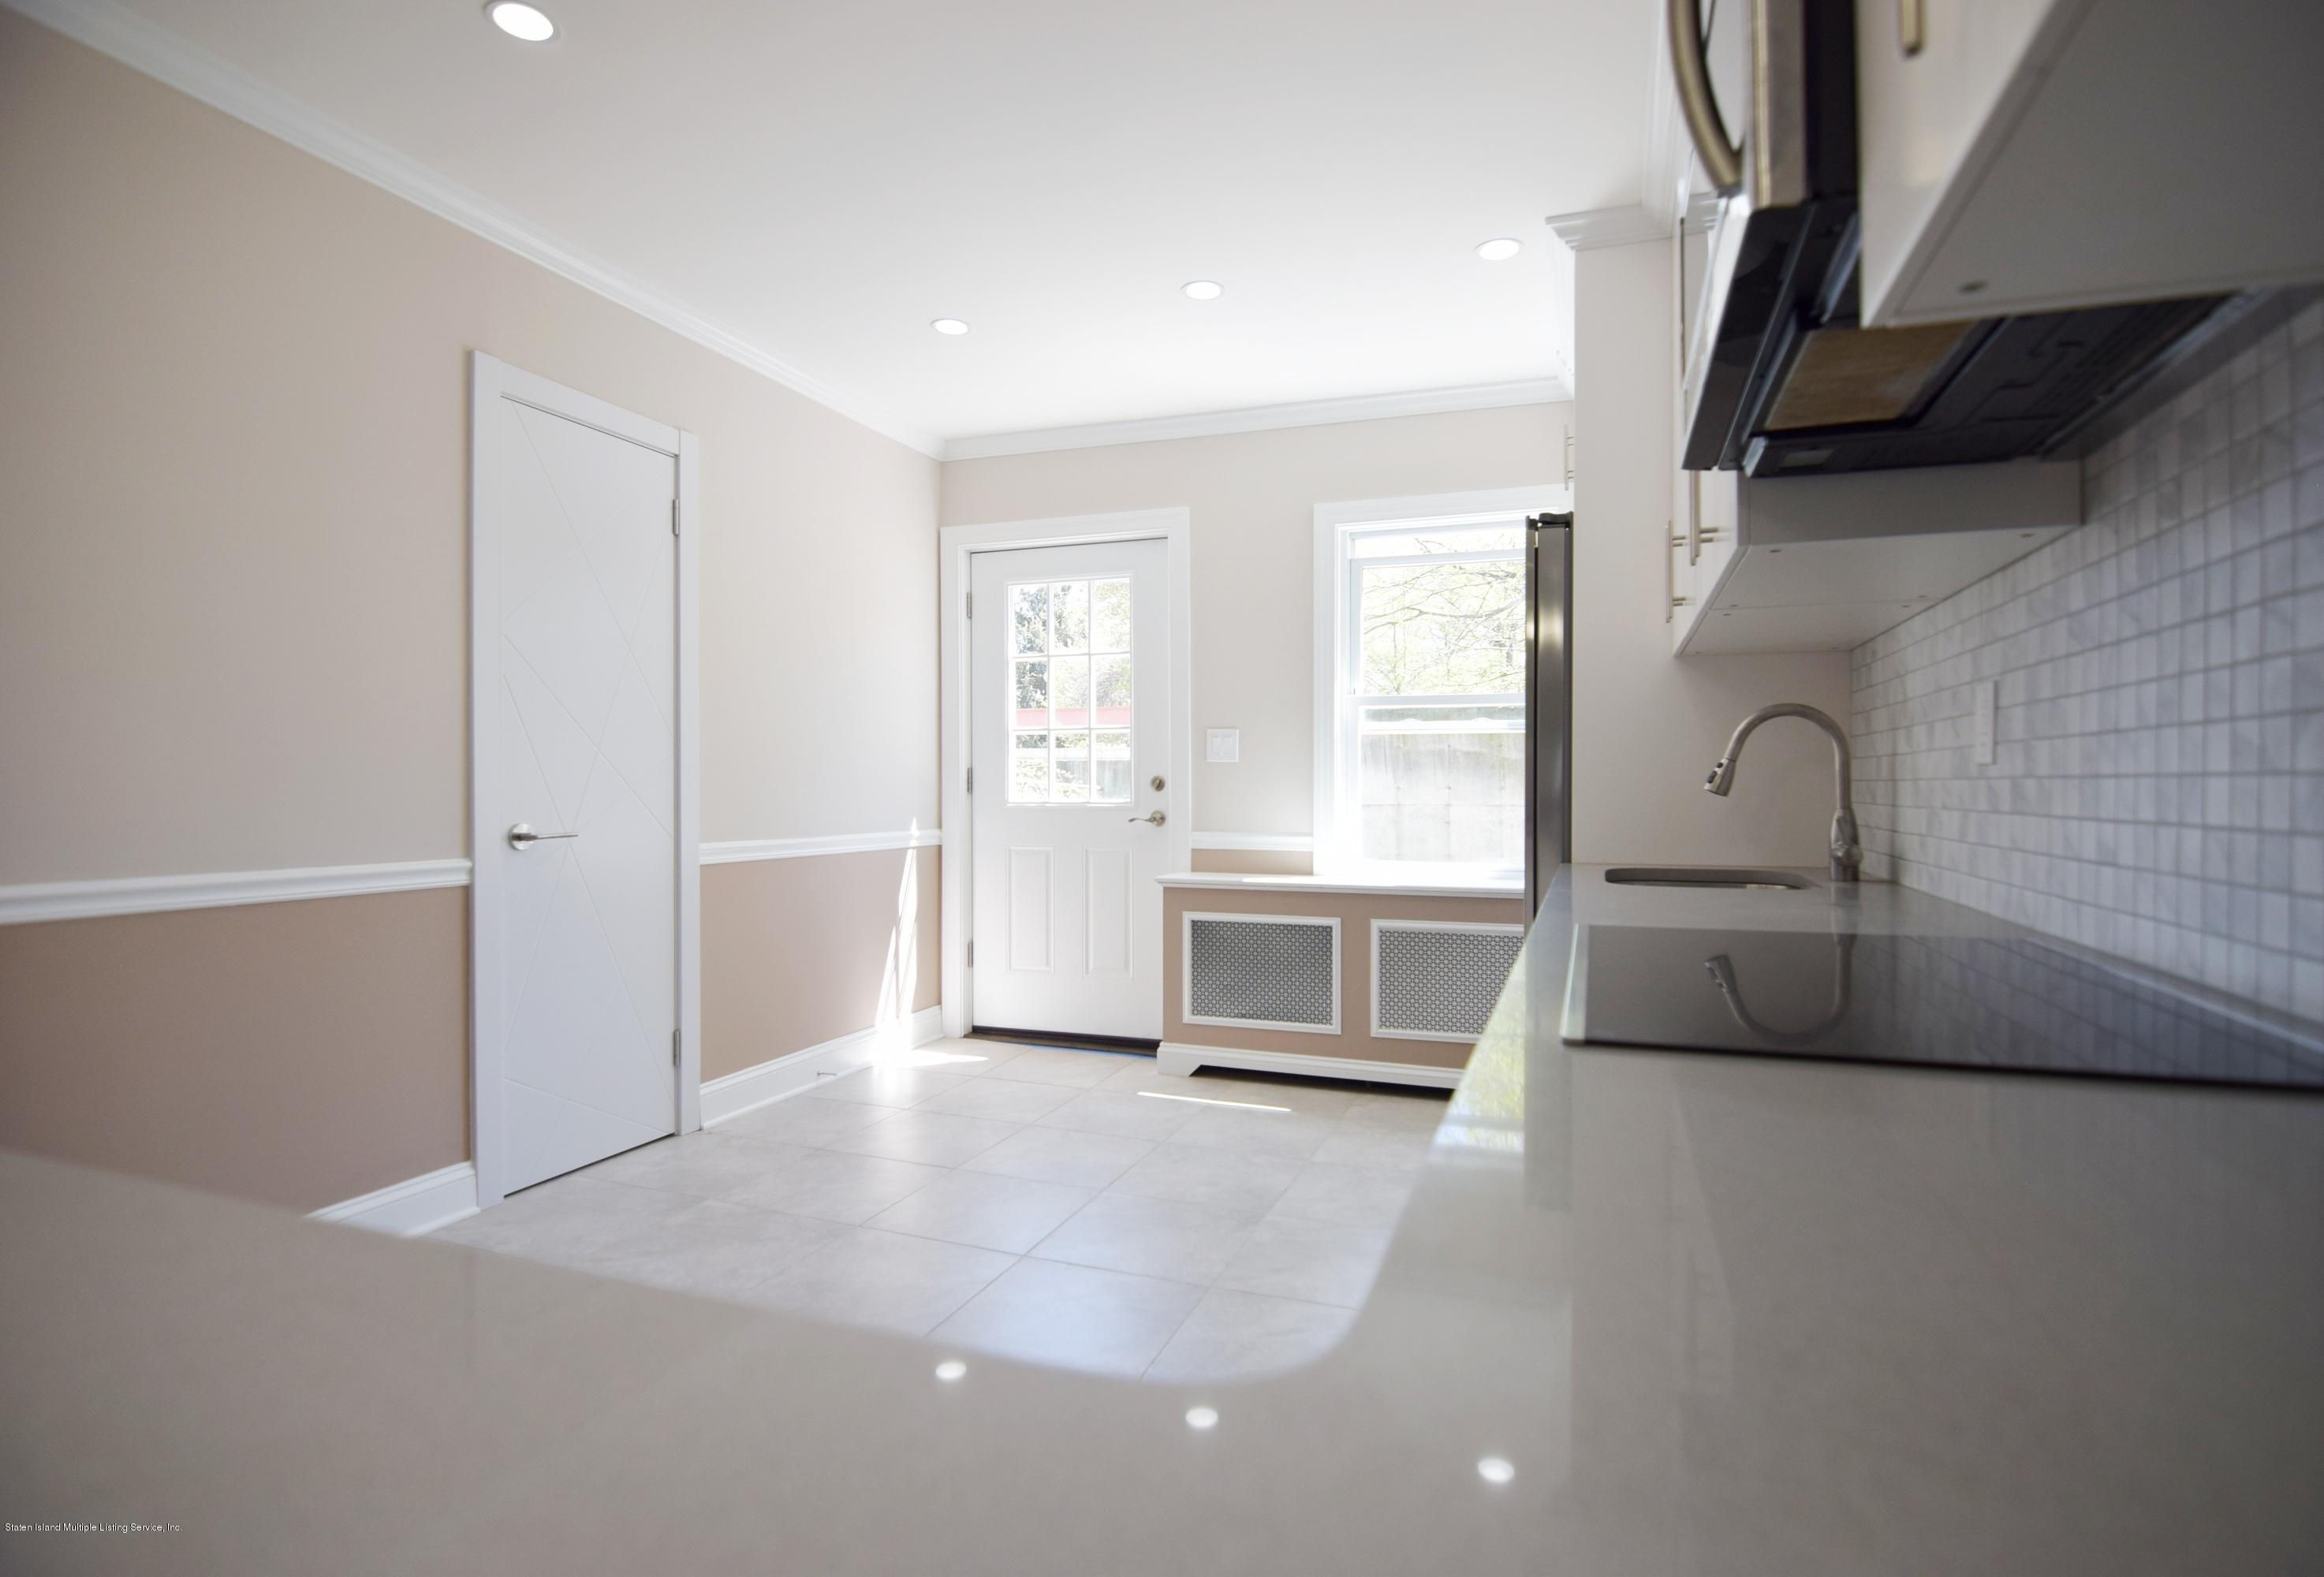 Single Family - Detached 55 Park Avenue  Staten Island, NY 10302, MLS-1128331-14